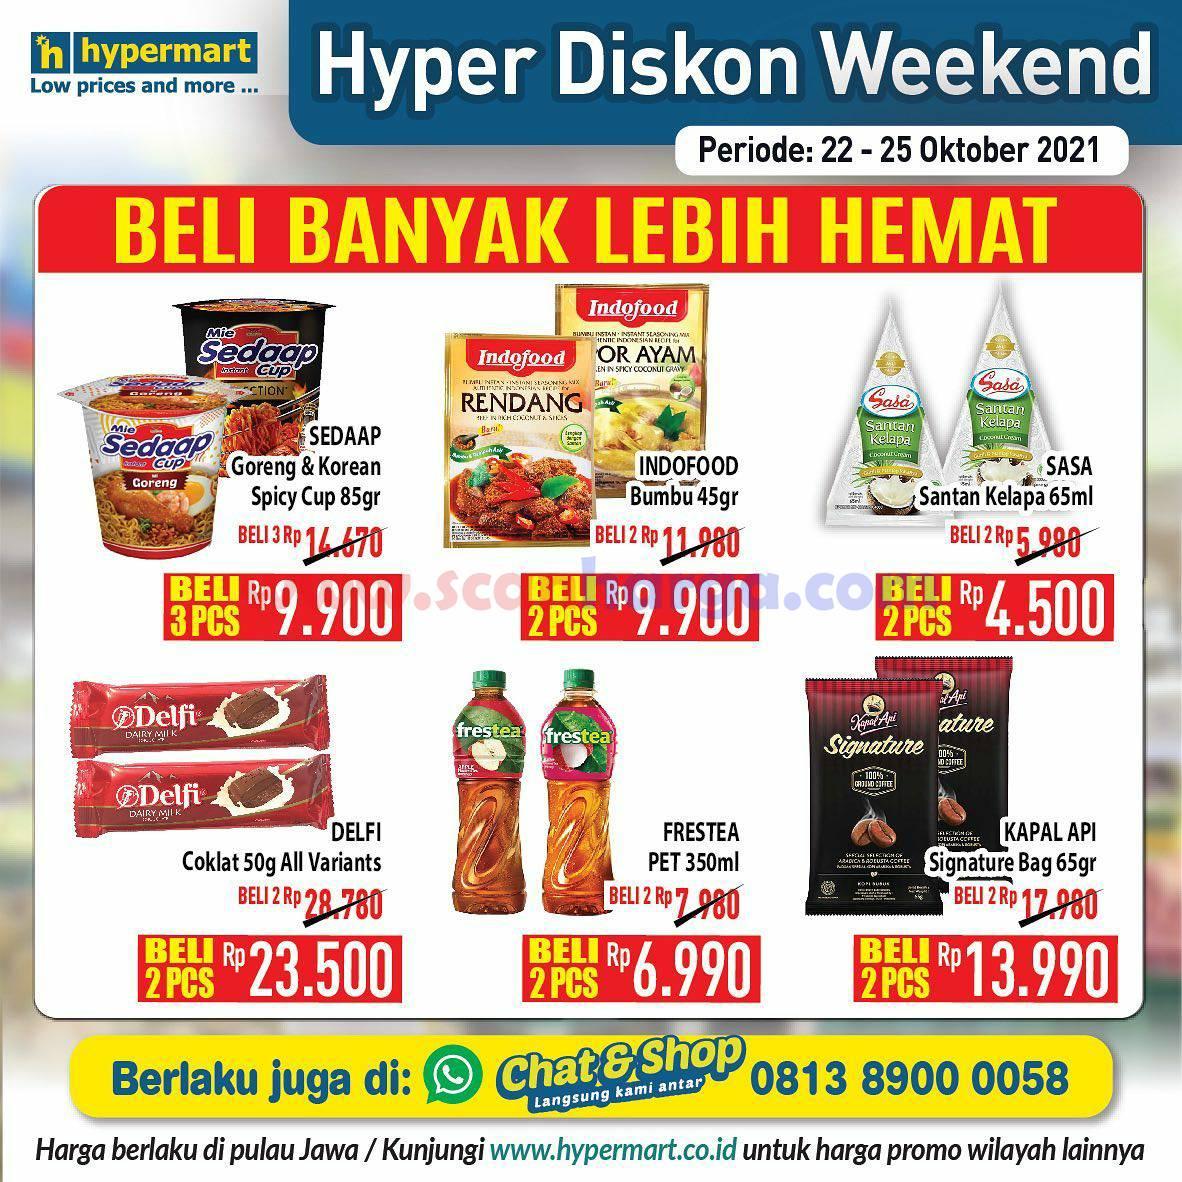 Promo Hypermart Weekend Terbaru 22 - 25 Oktober 2021 6